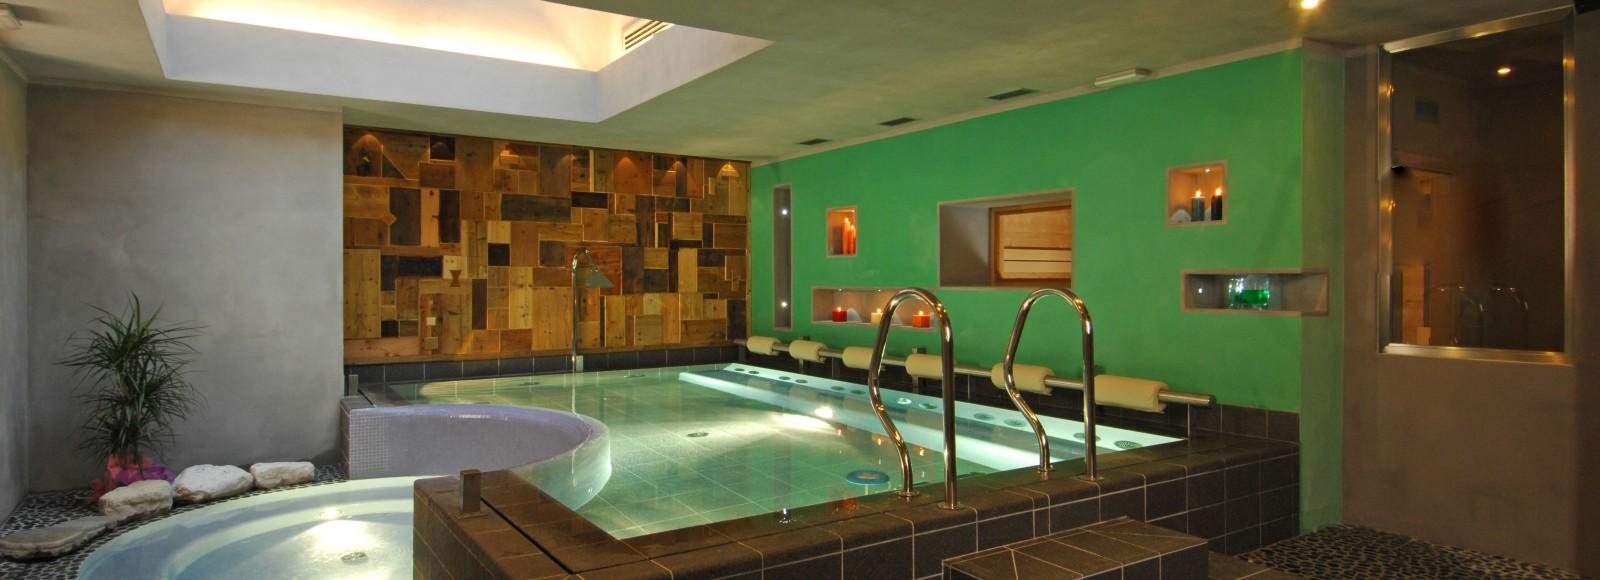 Hotel Isolabella - Isolawellness - piscina idromassaggio